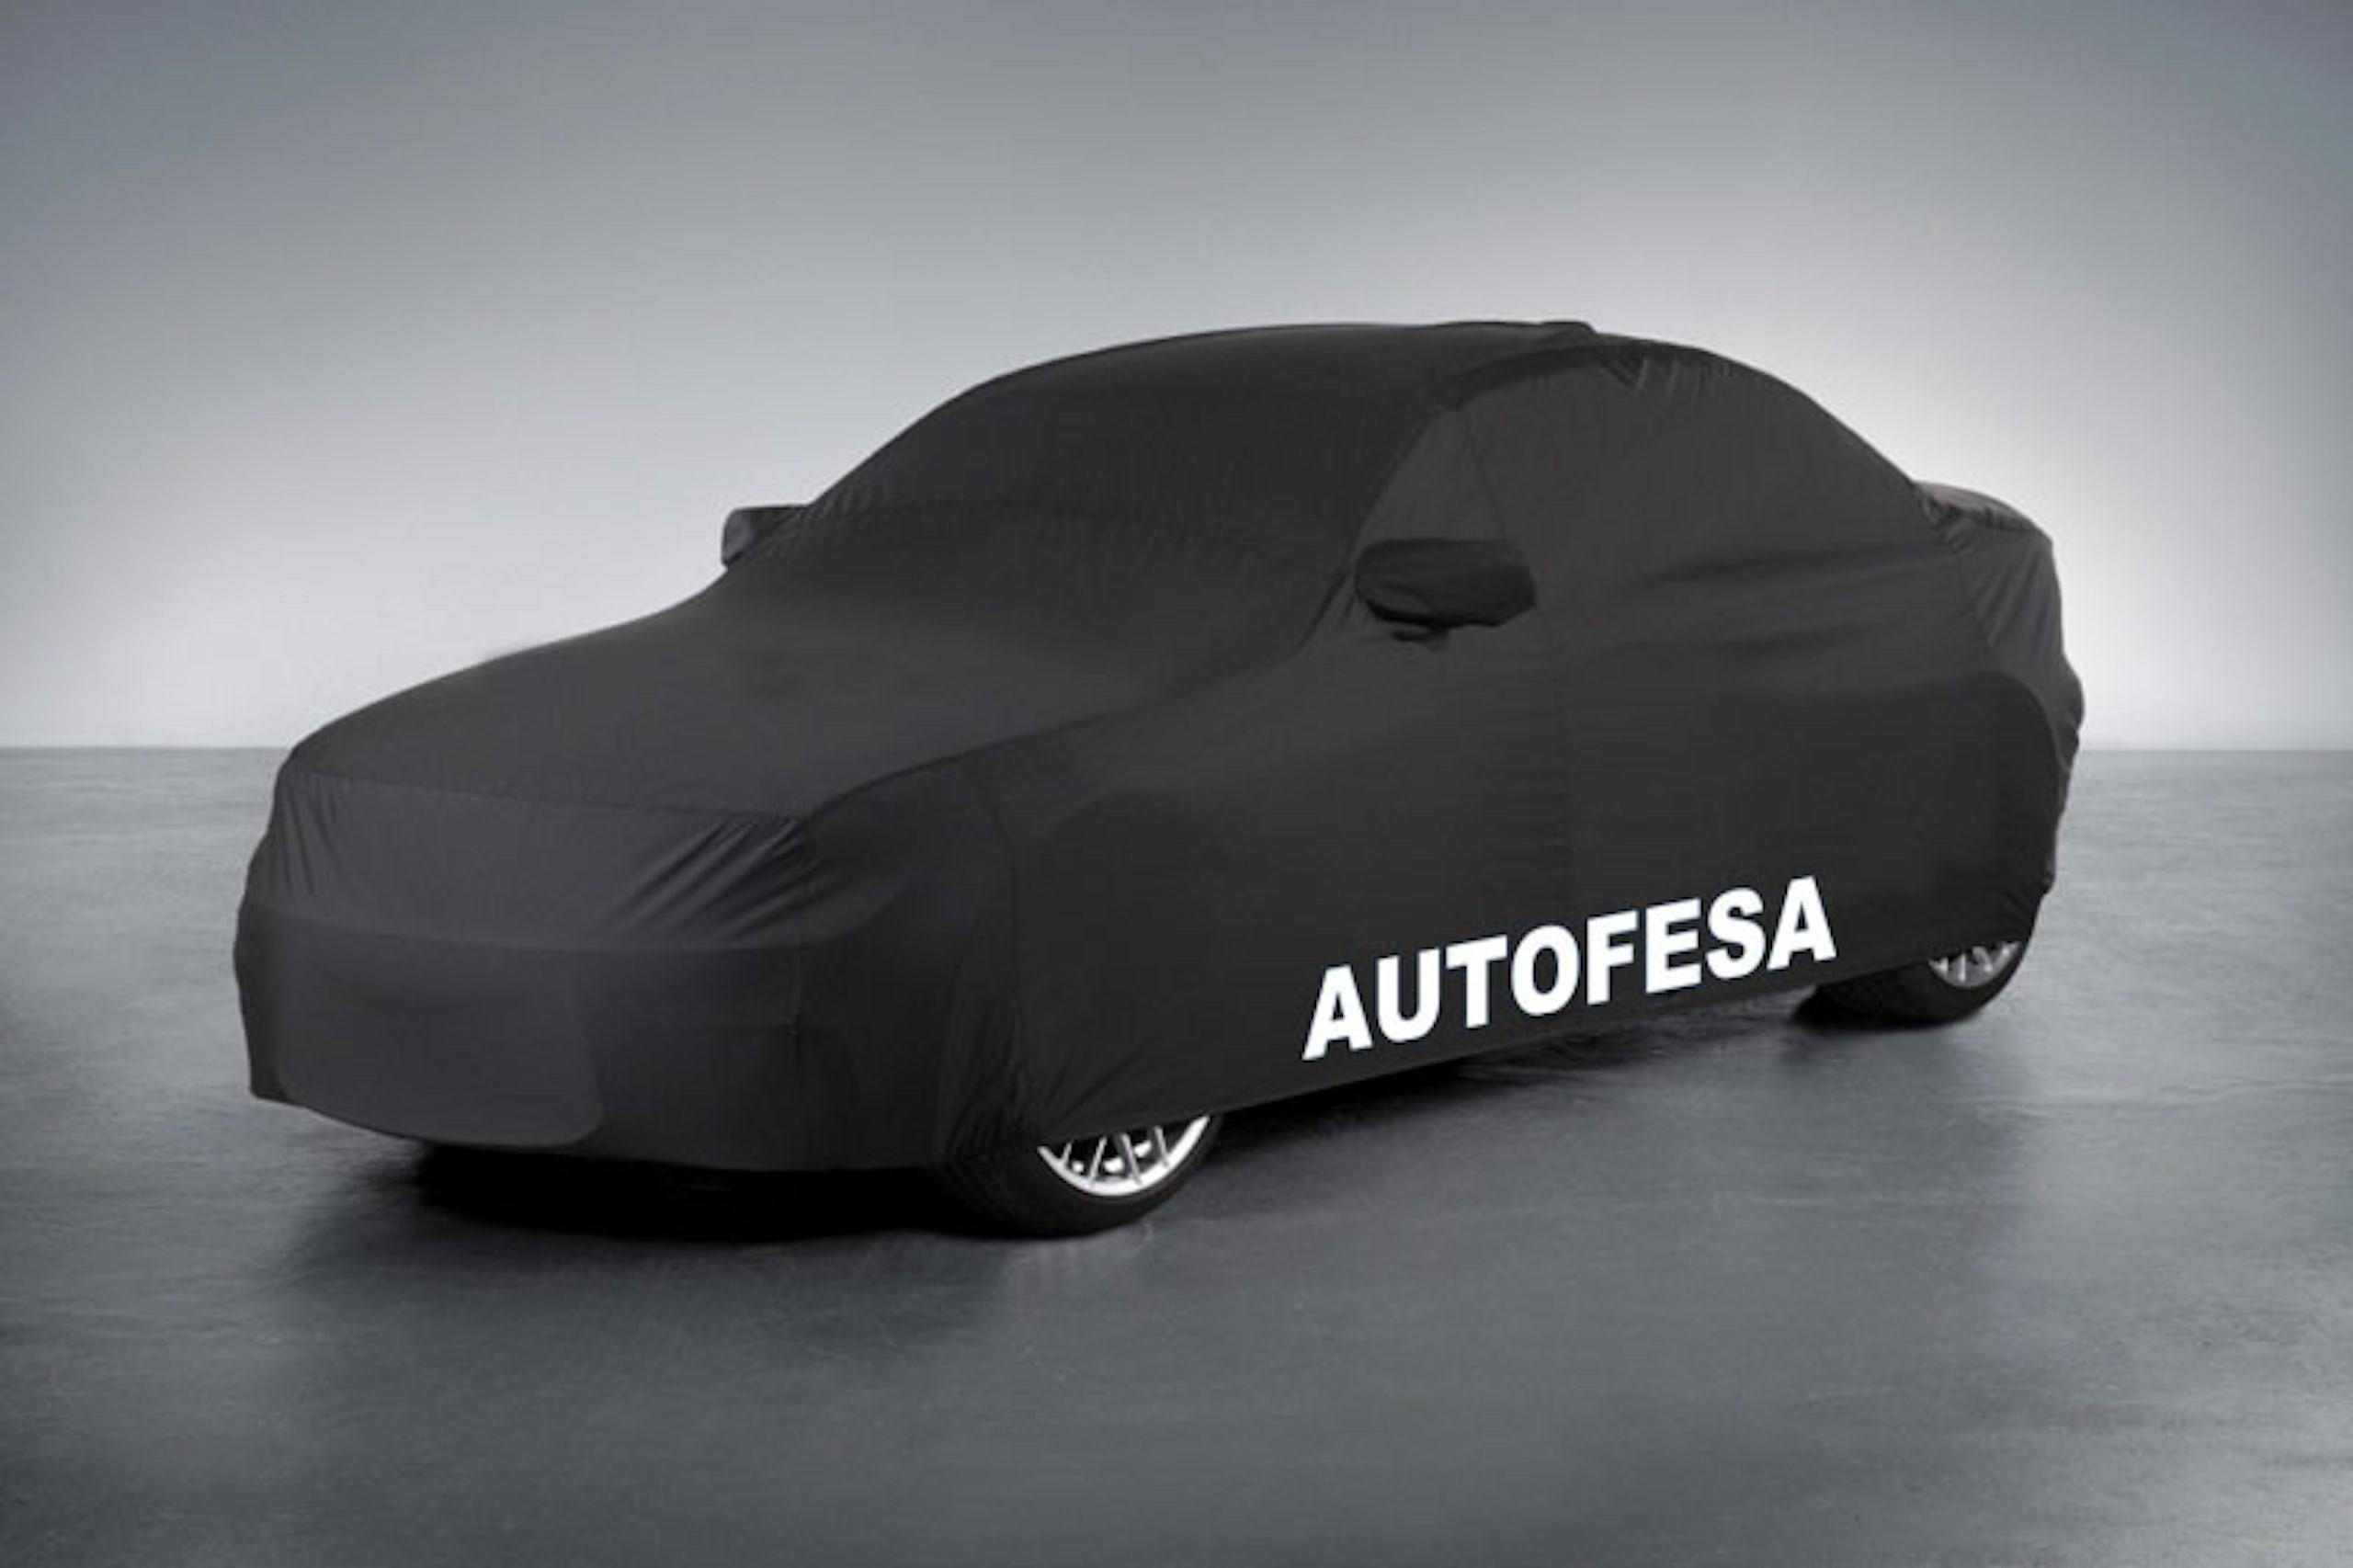 Audi A4 Avant 2.0 TDI 190cv quattro 5p S tronic Auto S/S - Foto 27